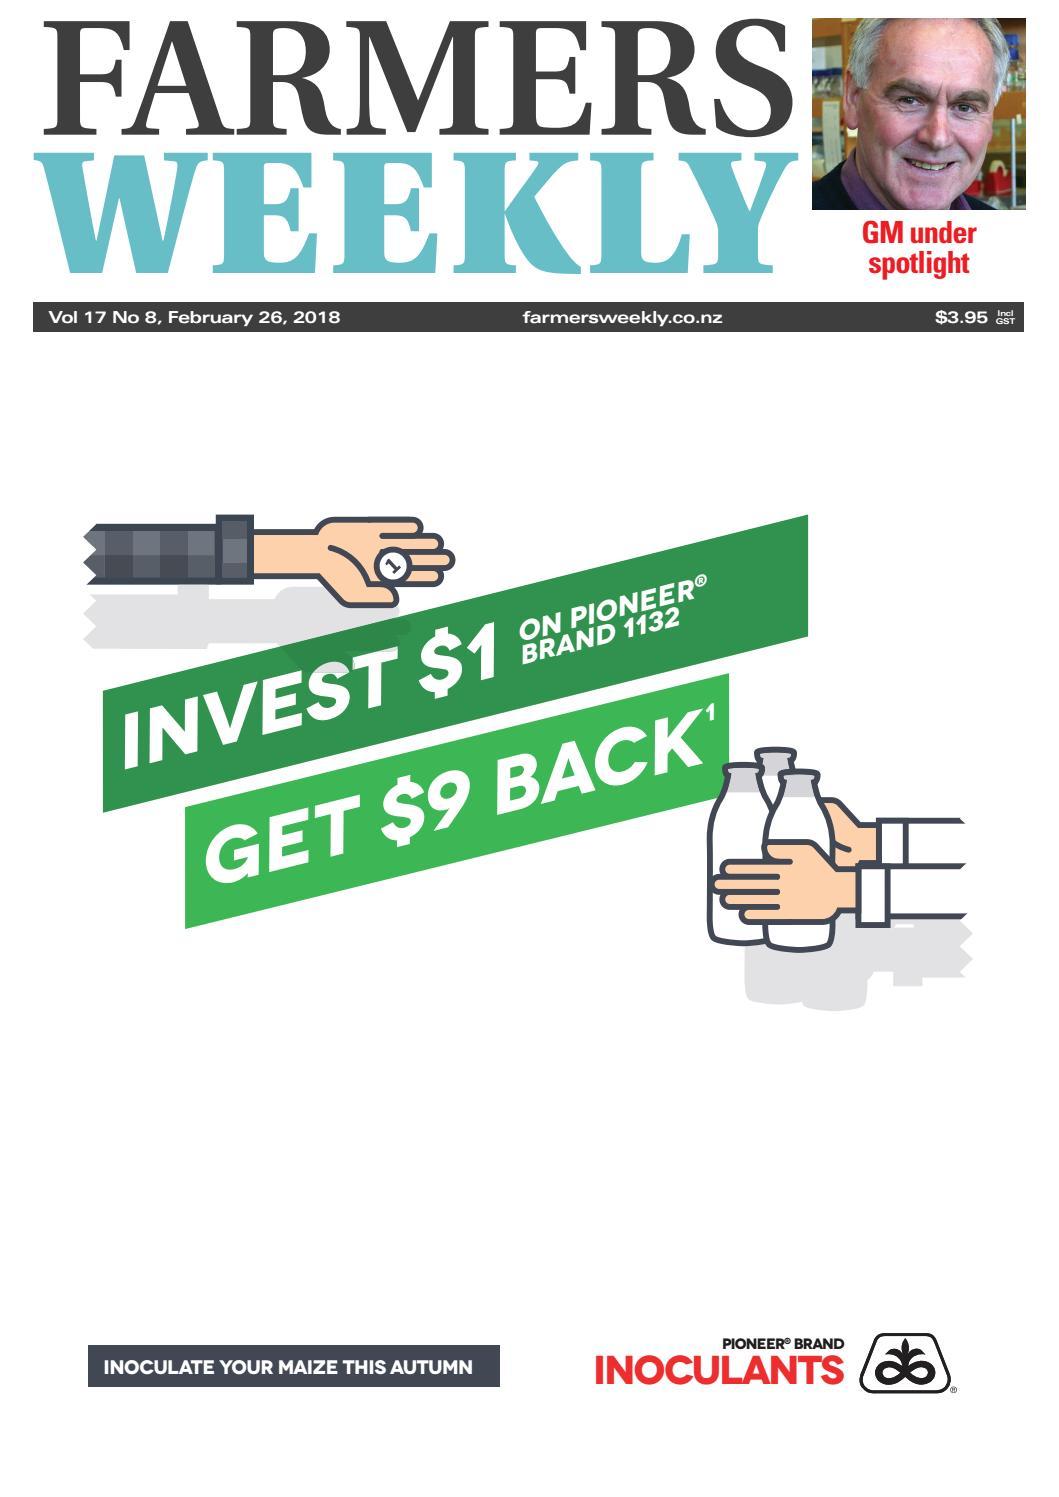 cb99a2fa63 Farmers Weekly NZ February 26 2018 by Farmers Weekly NZ - issuu